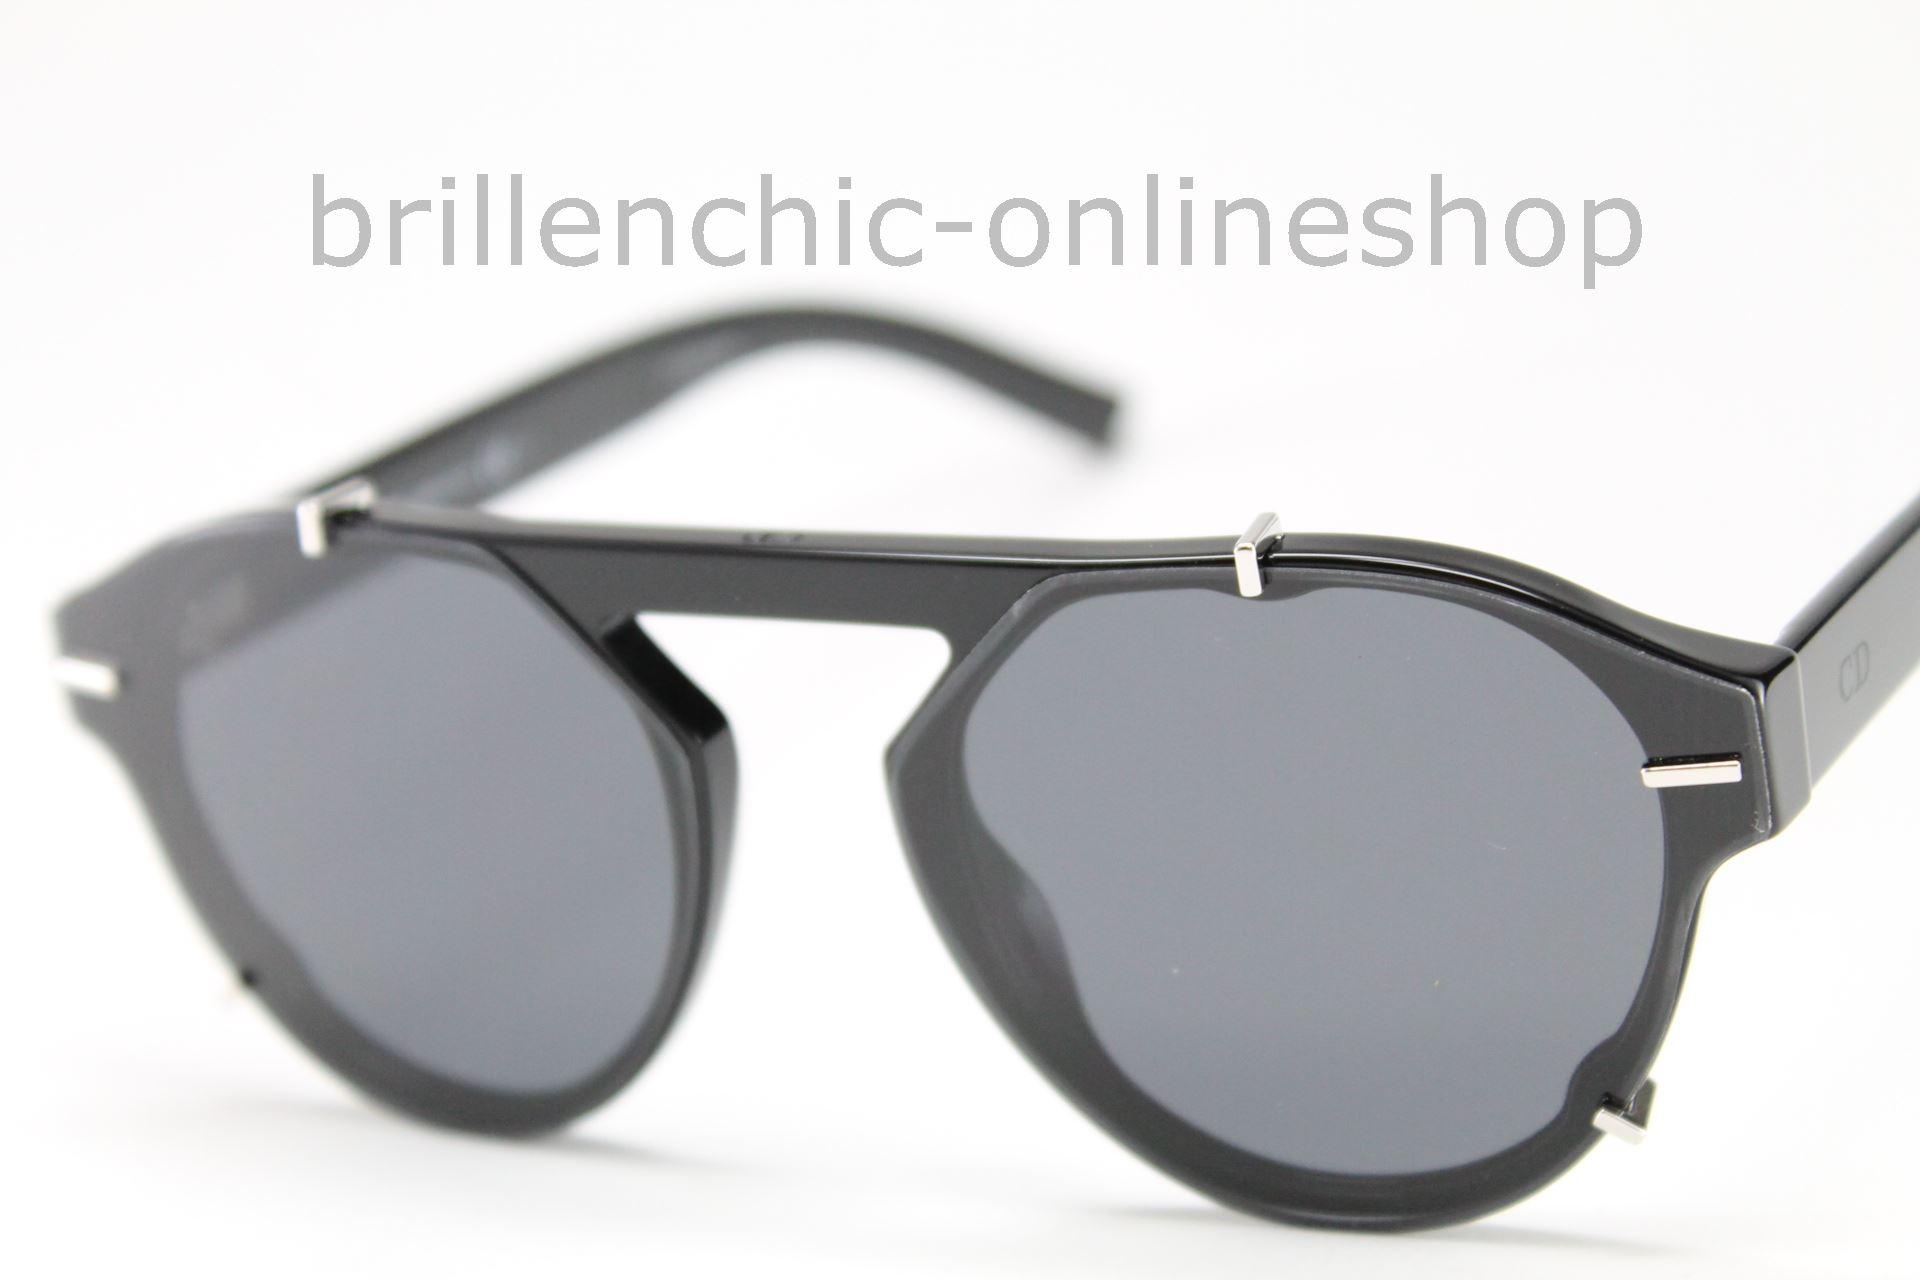 Brillenchic In Berlin Dior Homme Blacktie 254s 254 7704b27c04f